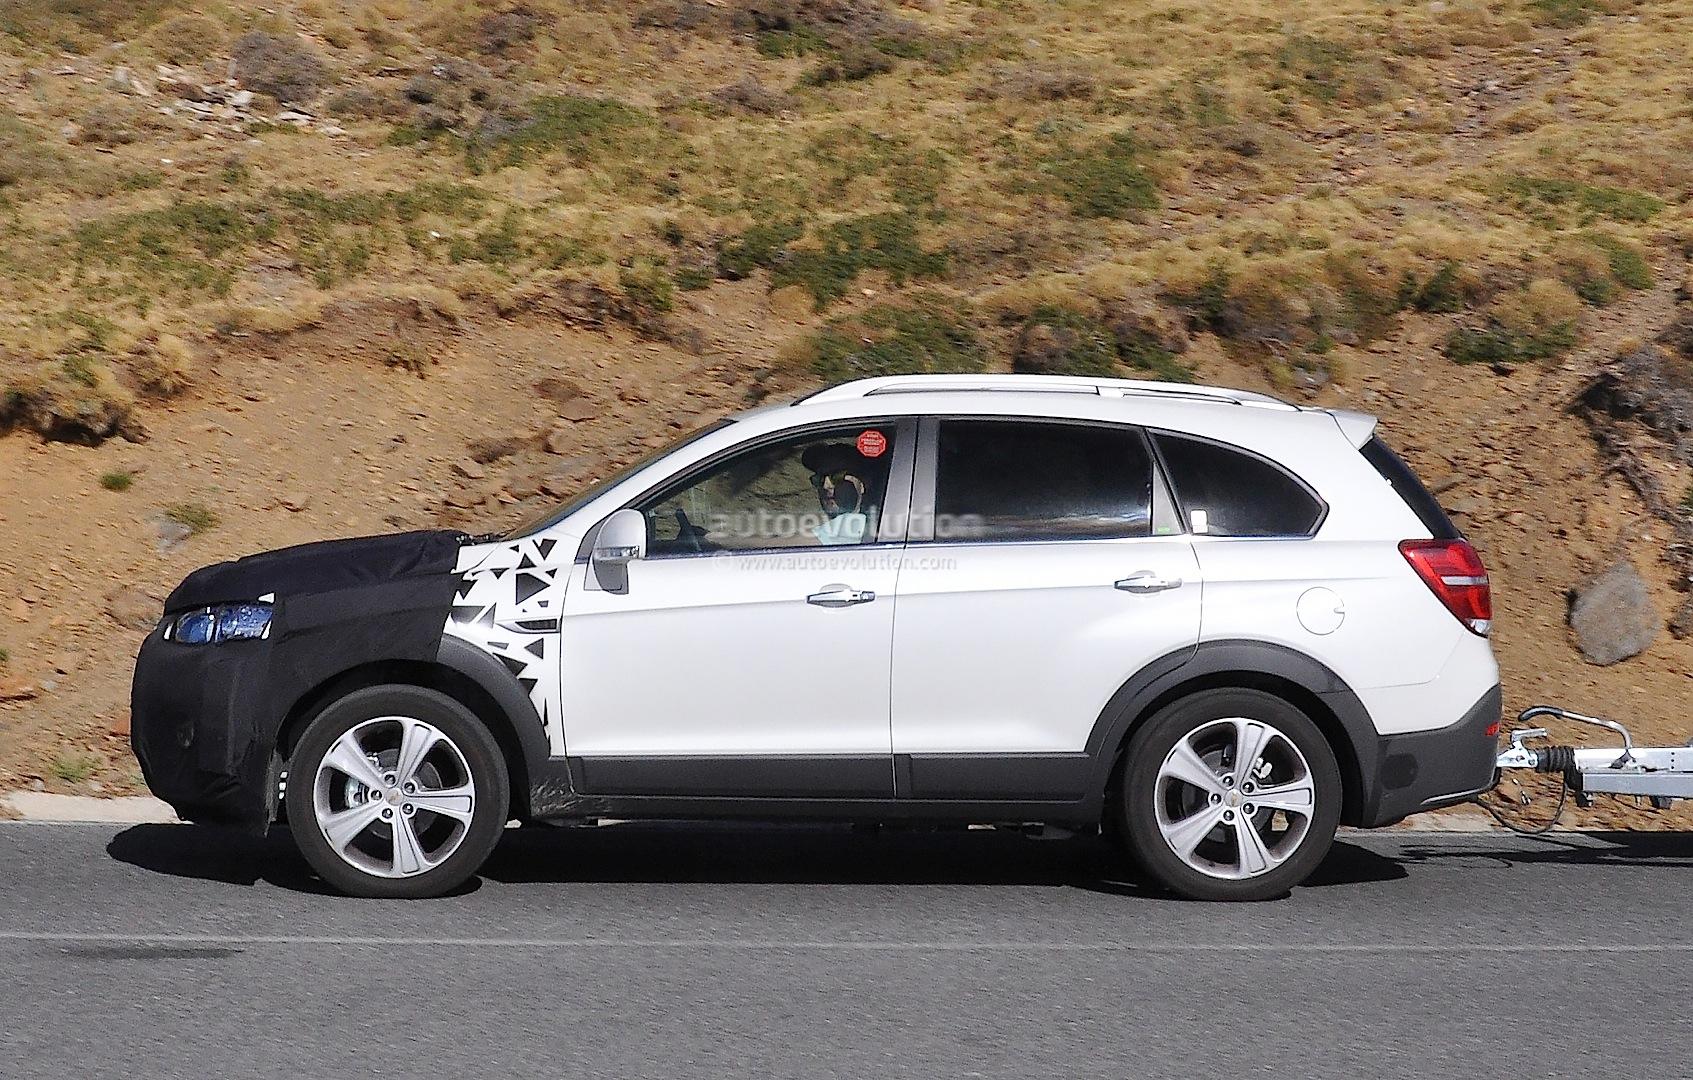 2015 Chevrolet Captiva Opel Antara Facelift Spied